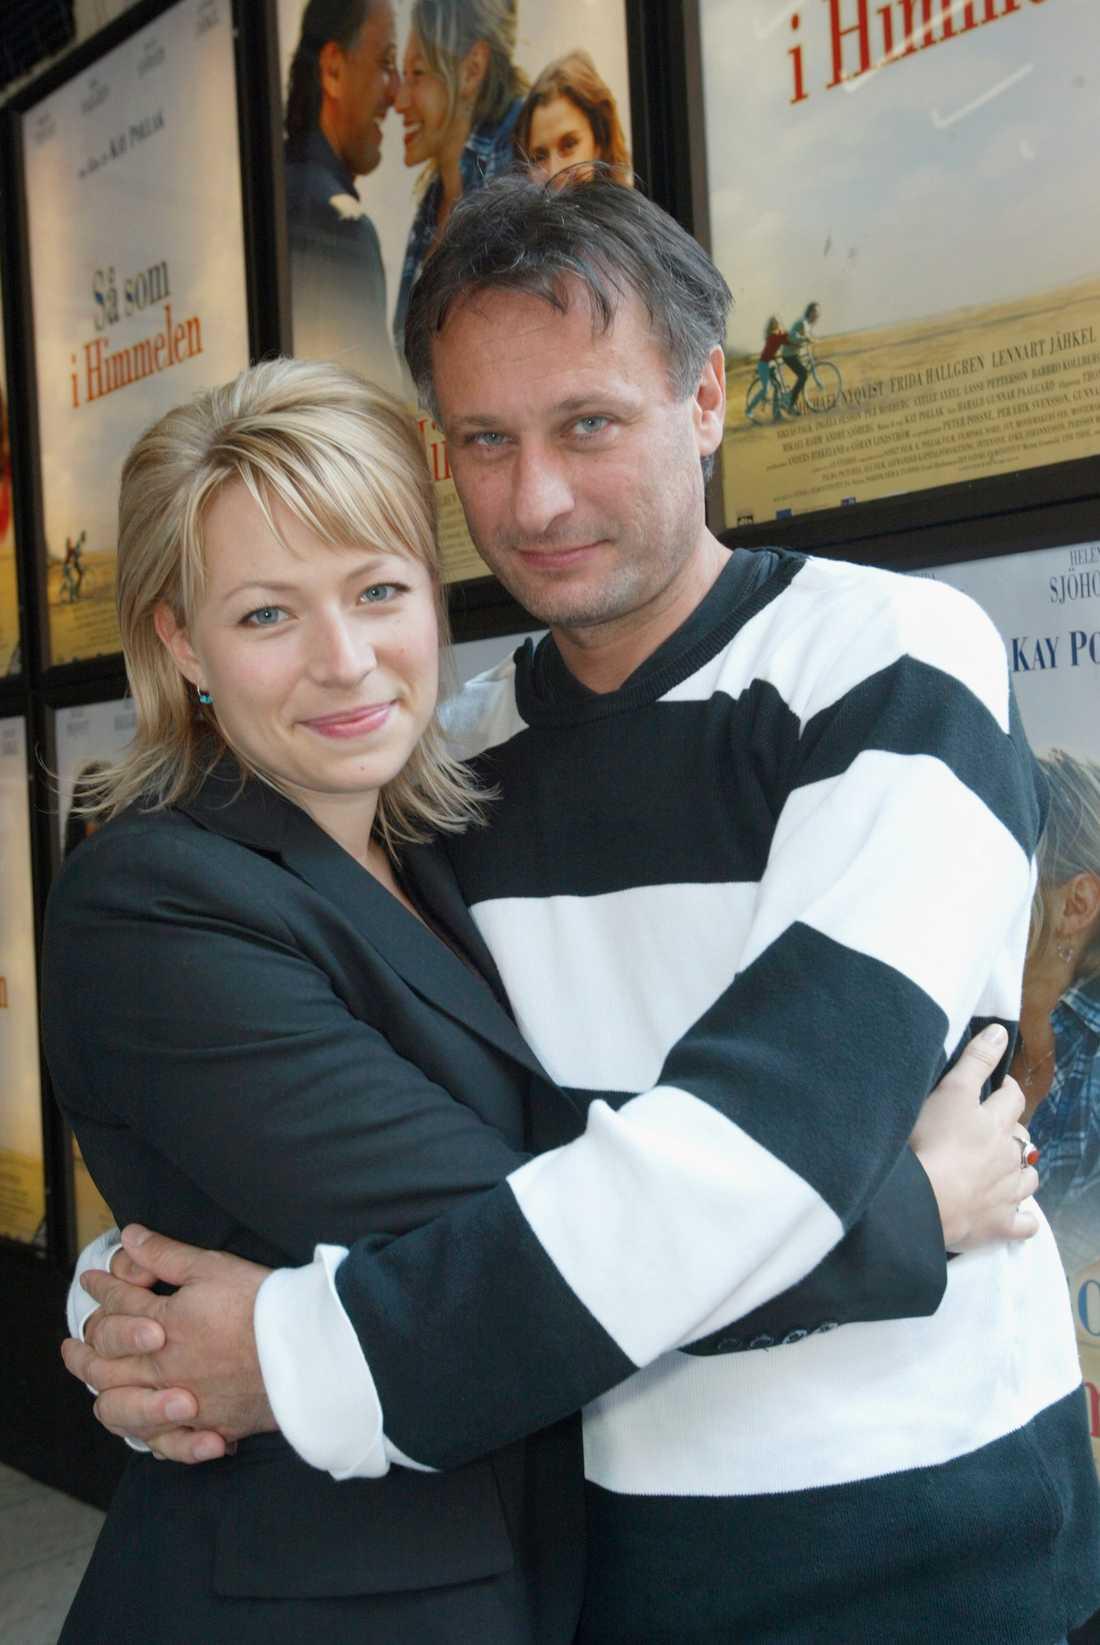 """Frida Hallgren och Michael Nyqvist spelade huvudrollerna i Kay Pollaks film """" Så som i himmelen""""."""